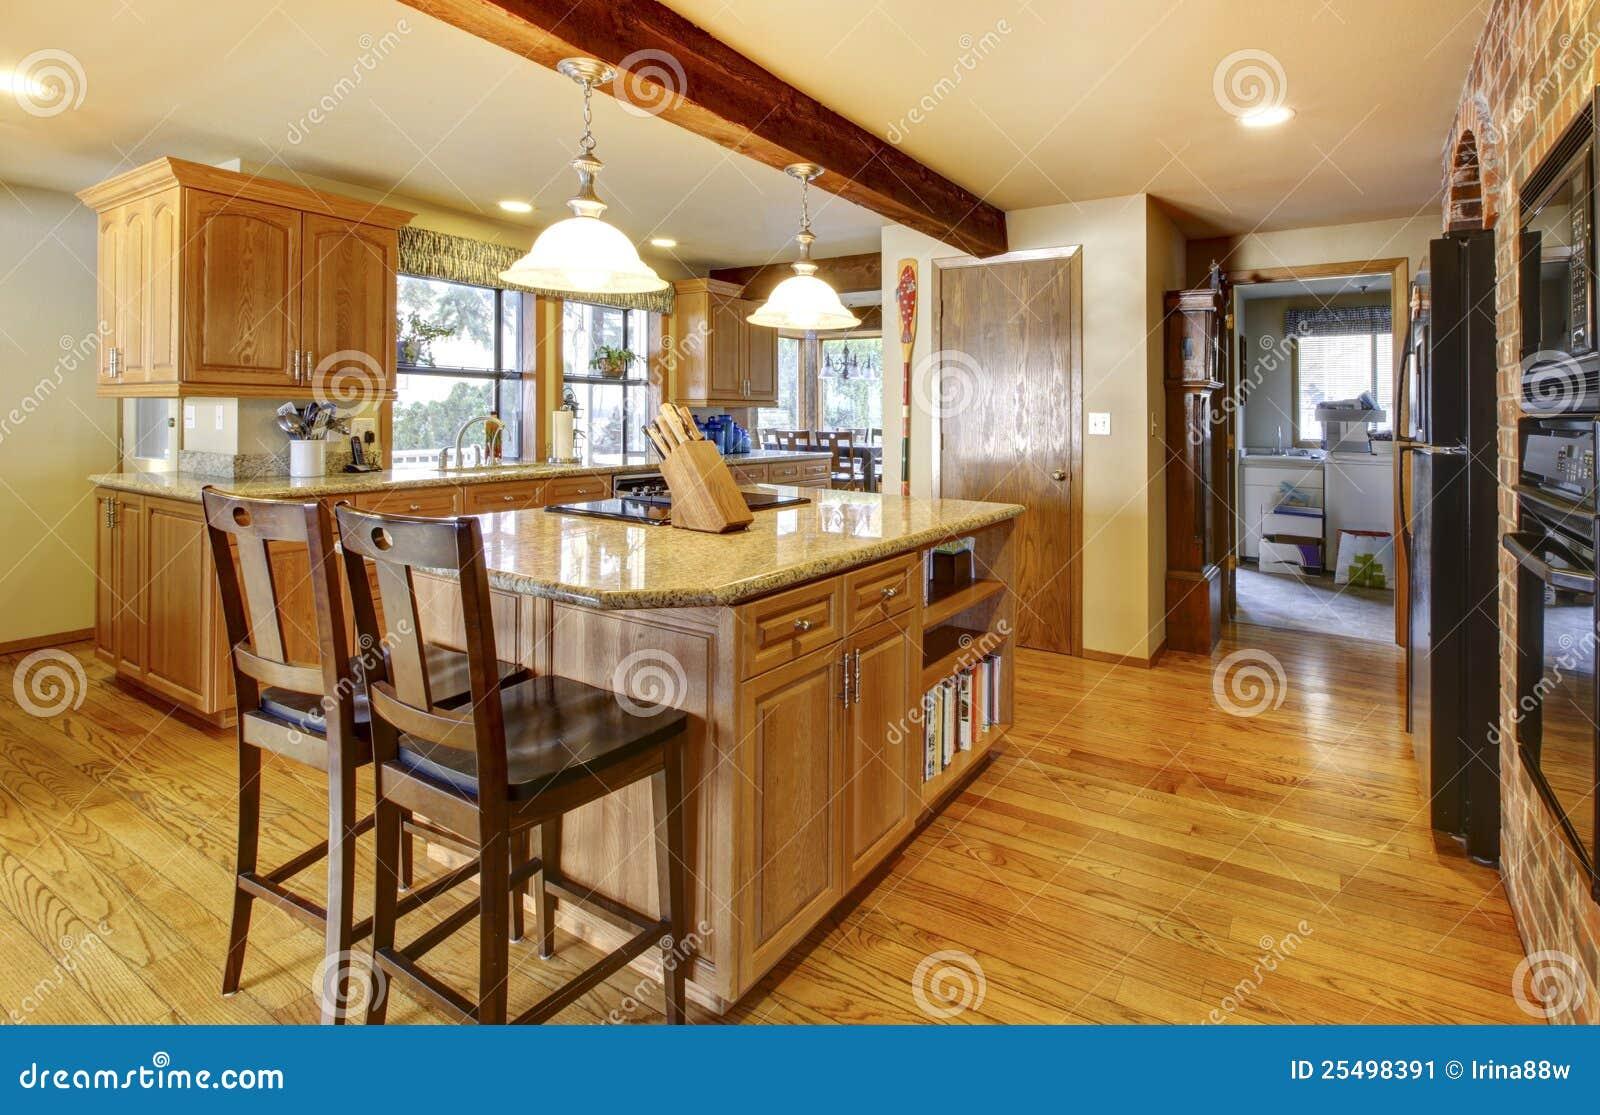 Grote houten keuken met hardhoutvloer.